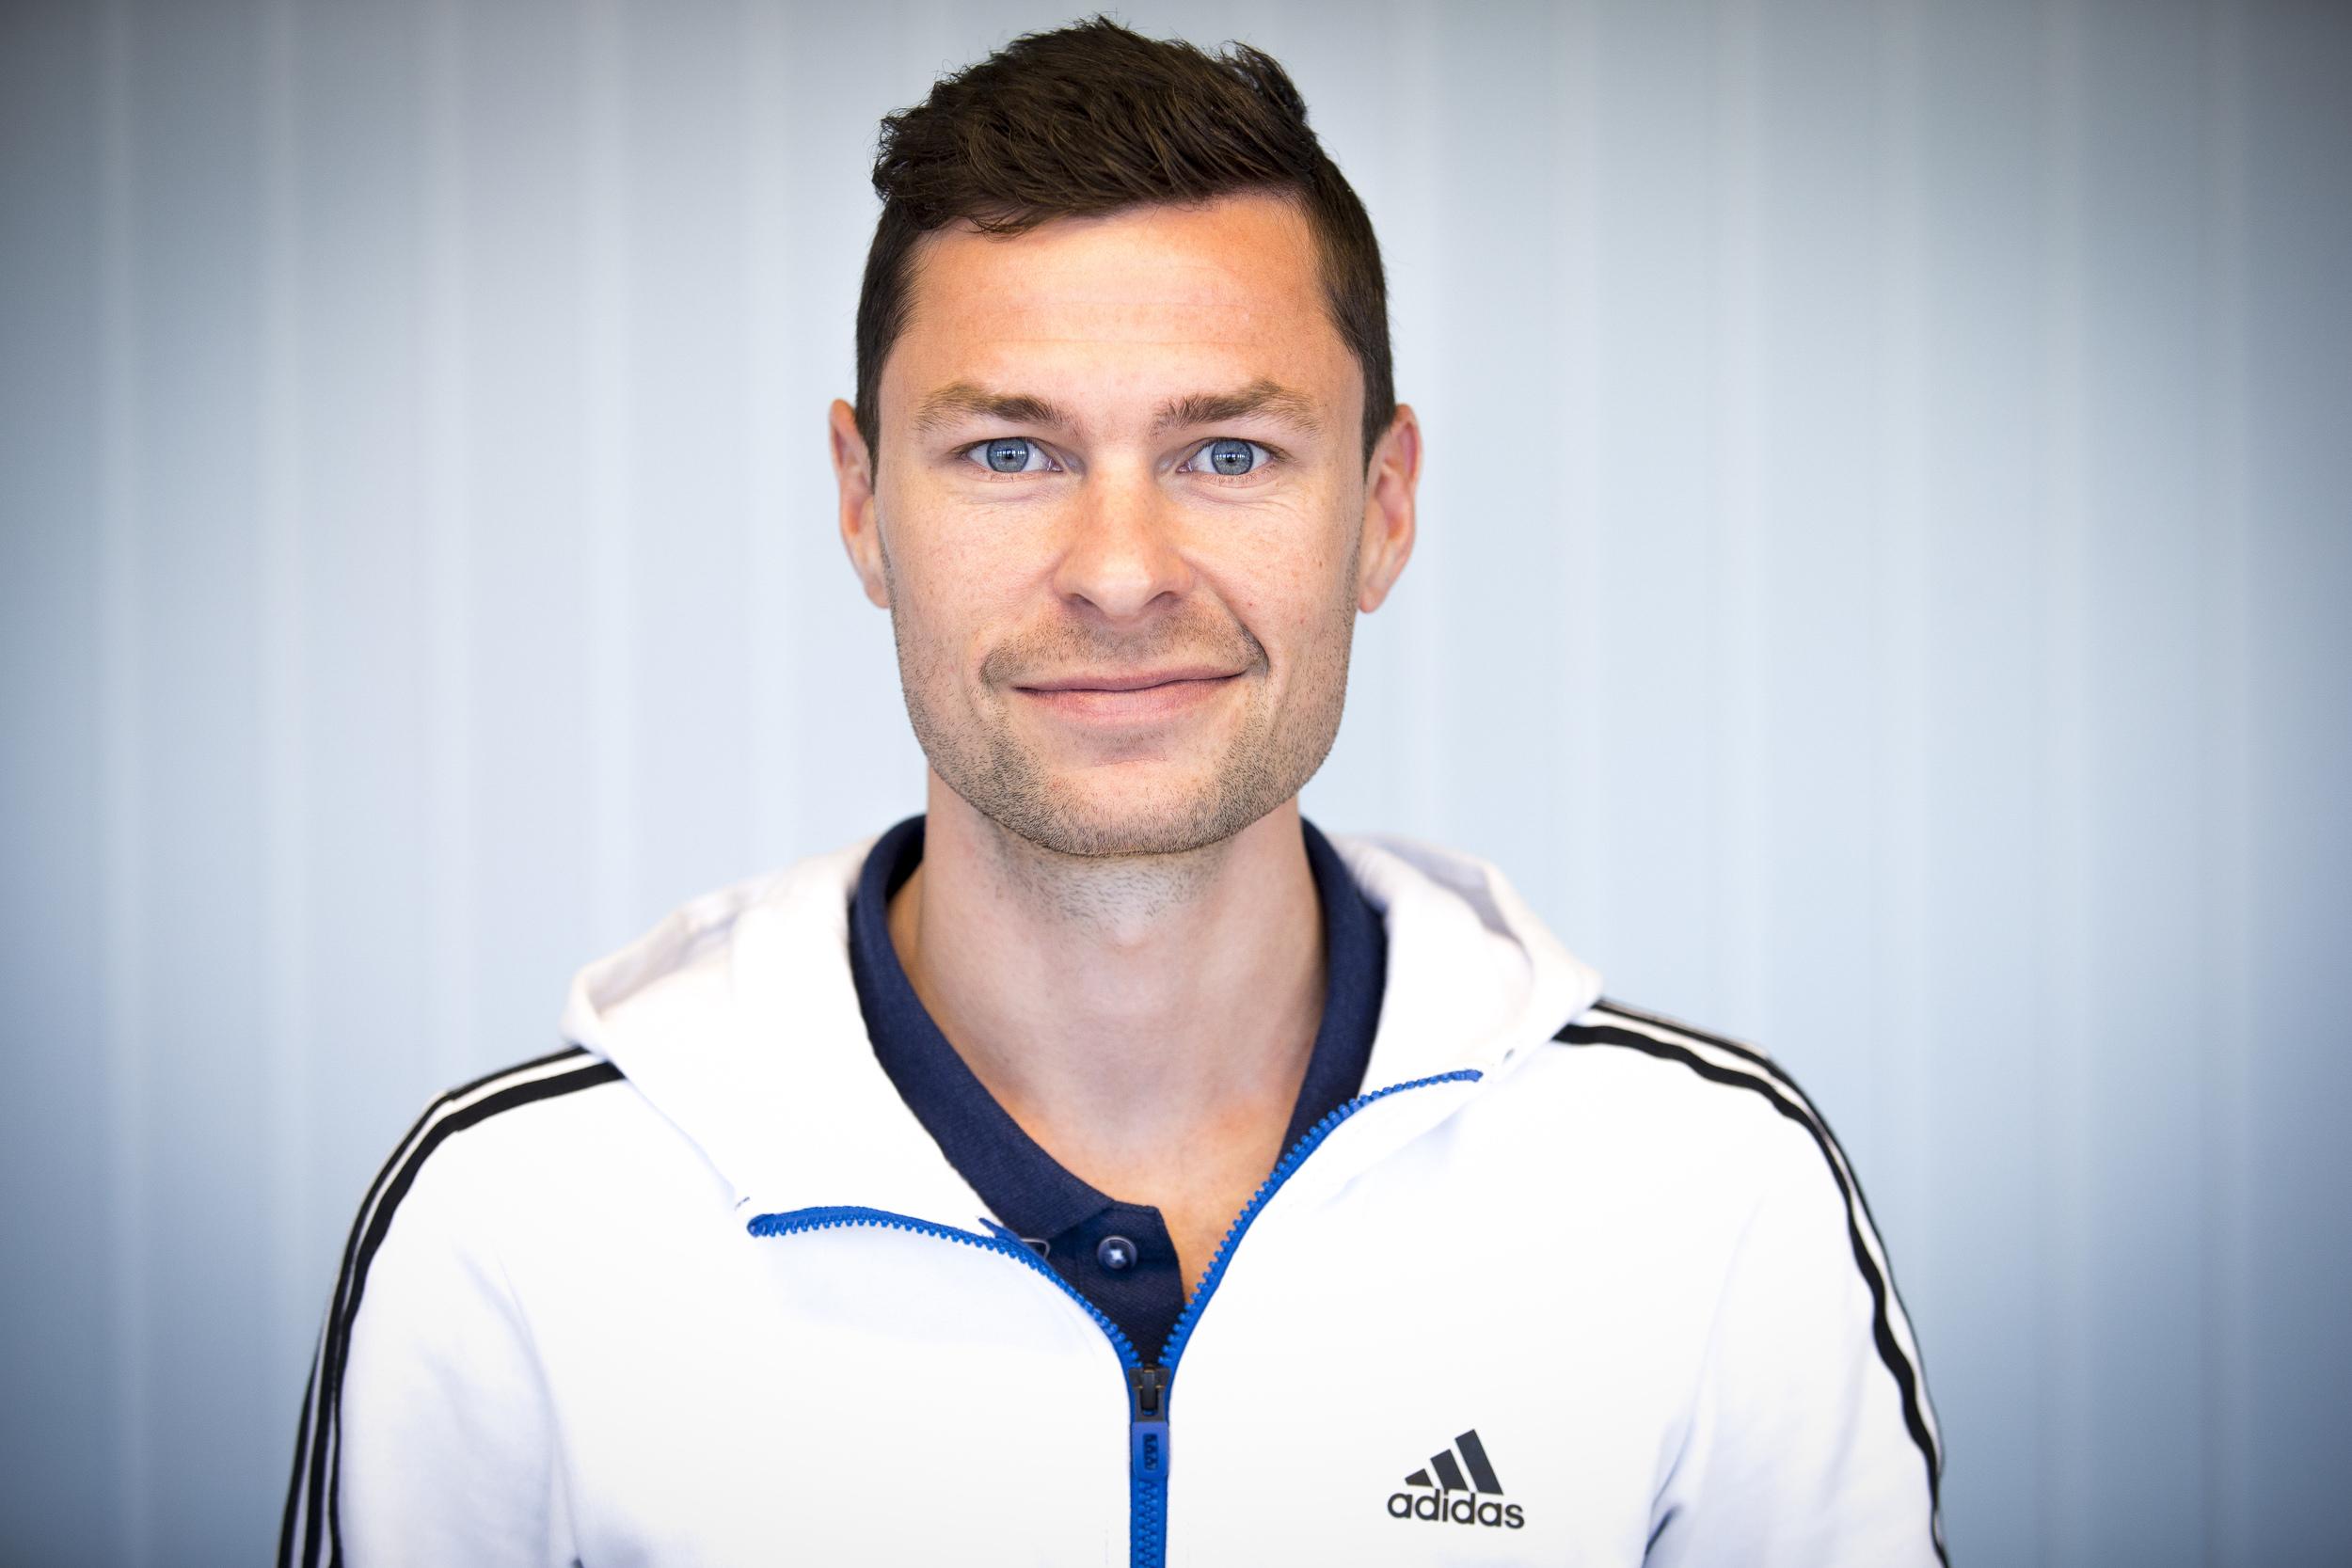 Ski jumper Anders Jacobsen